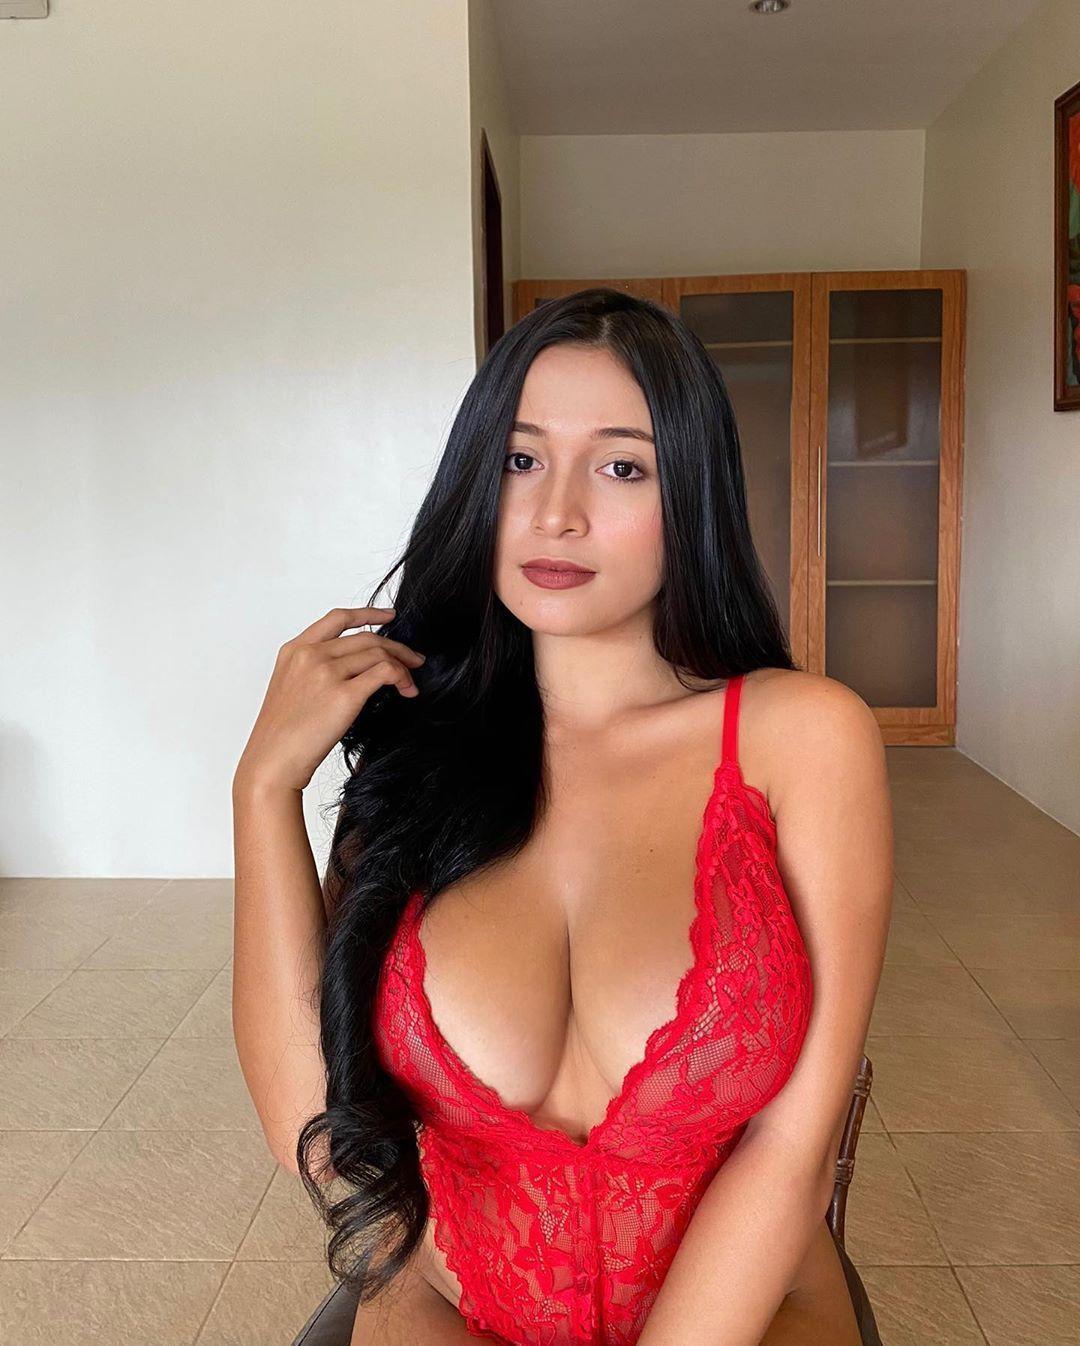 图片[12]-lu福利亚洲乳神菲律宾混血儿美女的魔鬼身材美女图片-福利巴士